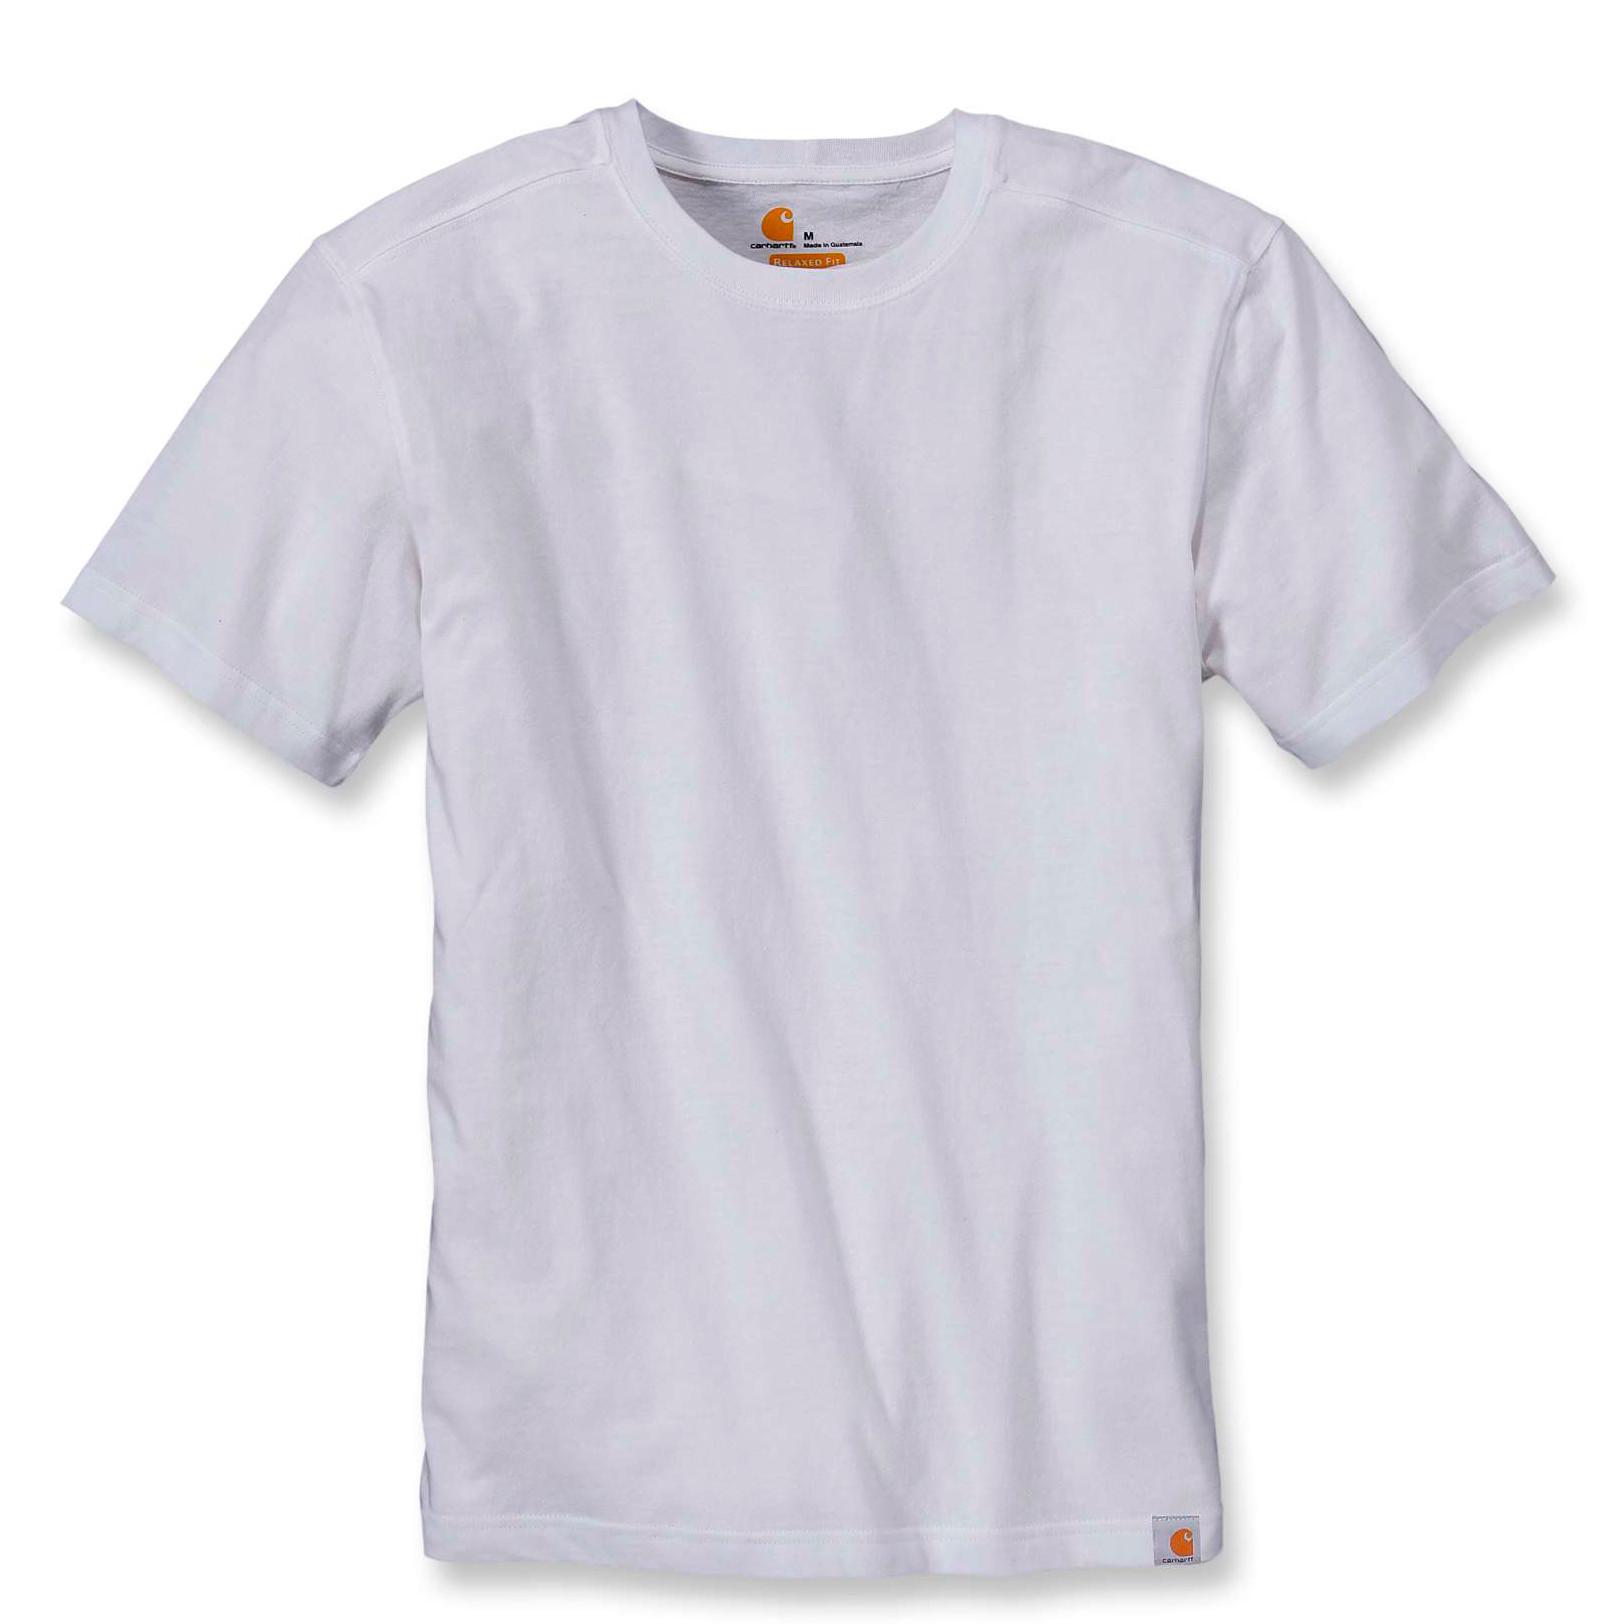 Футболка Carhartt Maddock T-Shirt S/S - 101124 (White, XS)